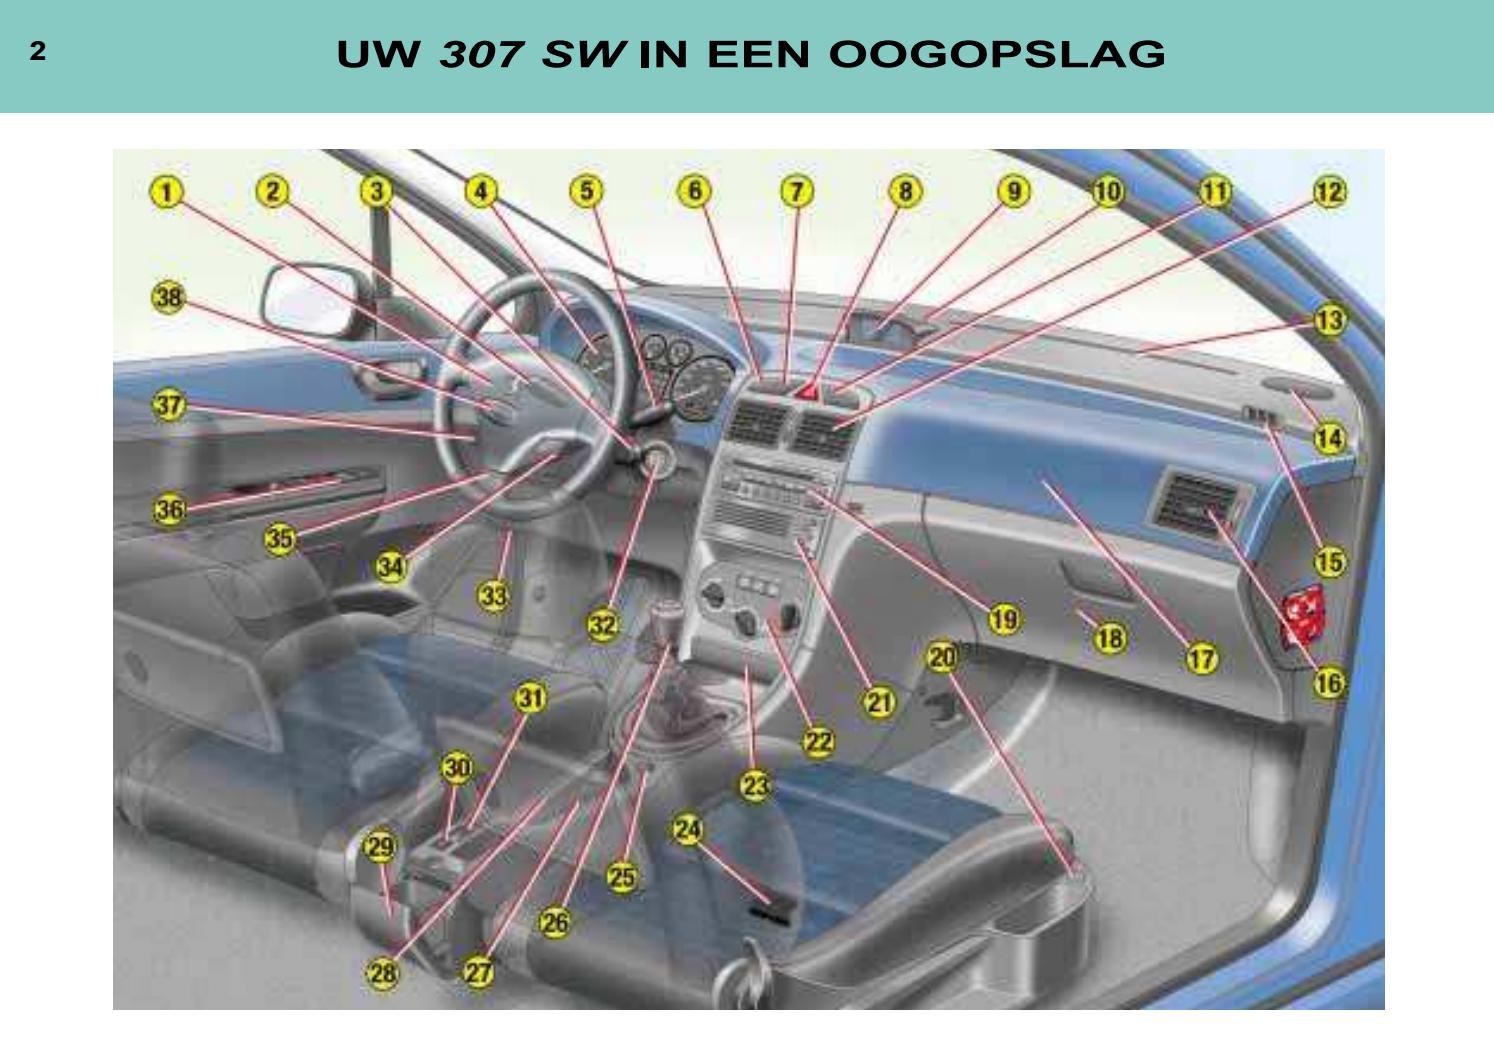 Hoe doe je haak twee ampère in uw auto